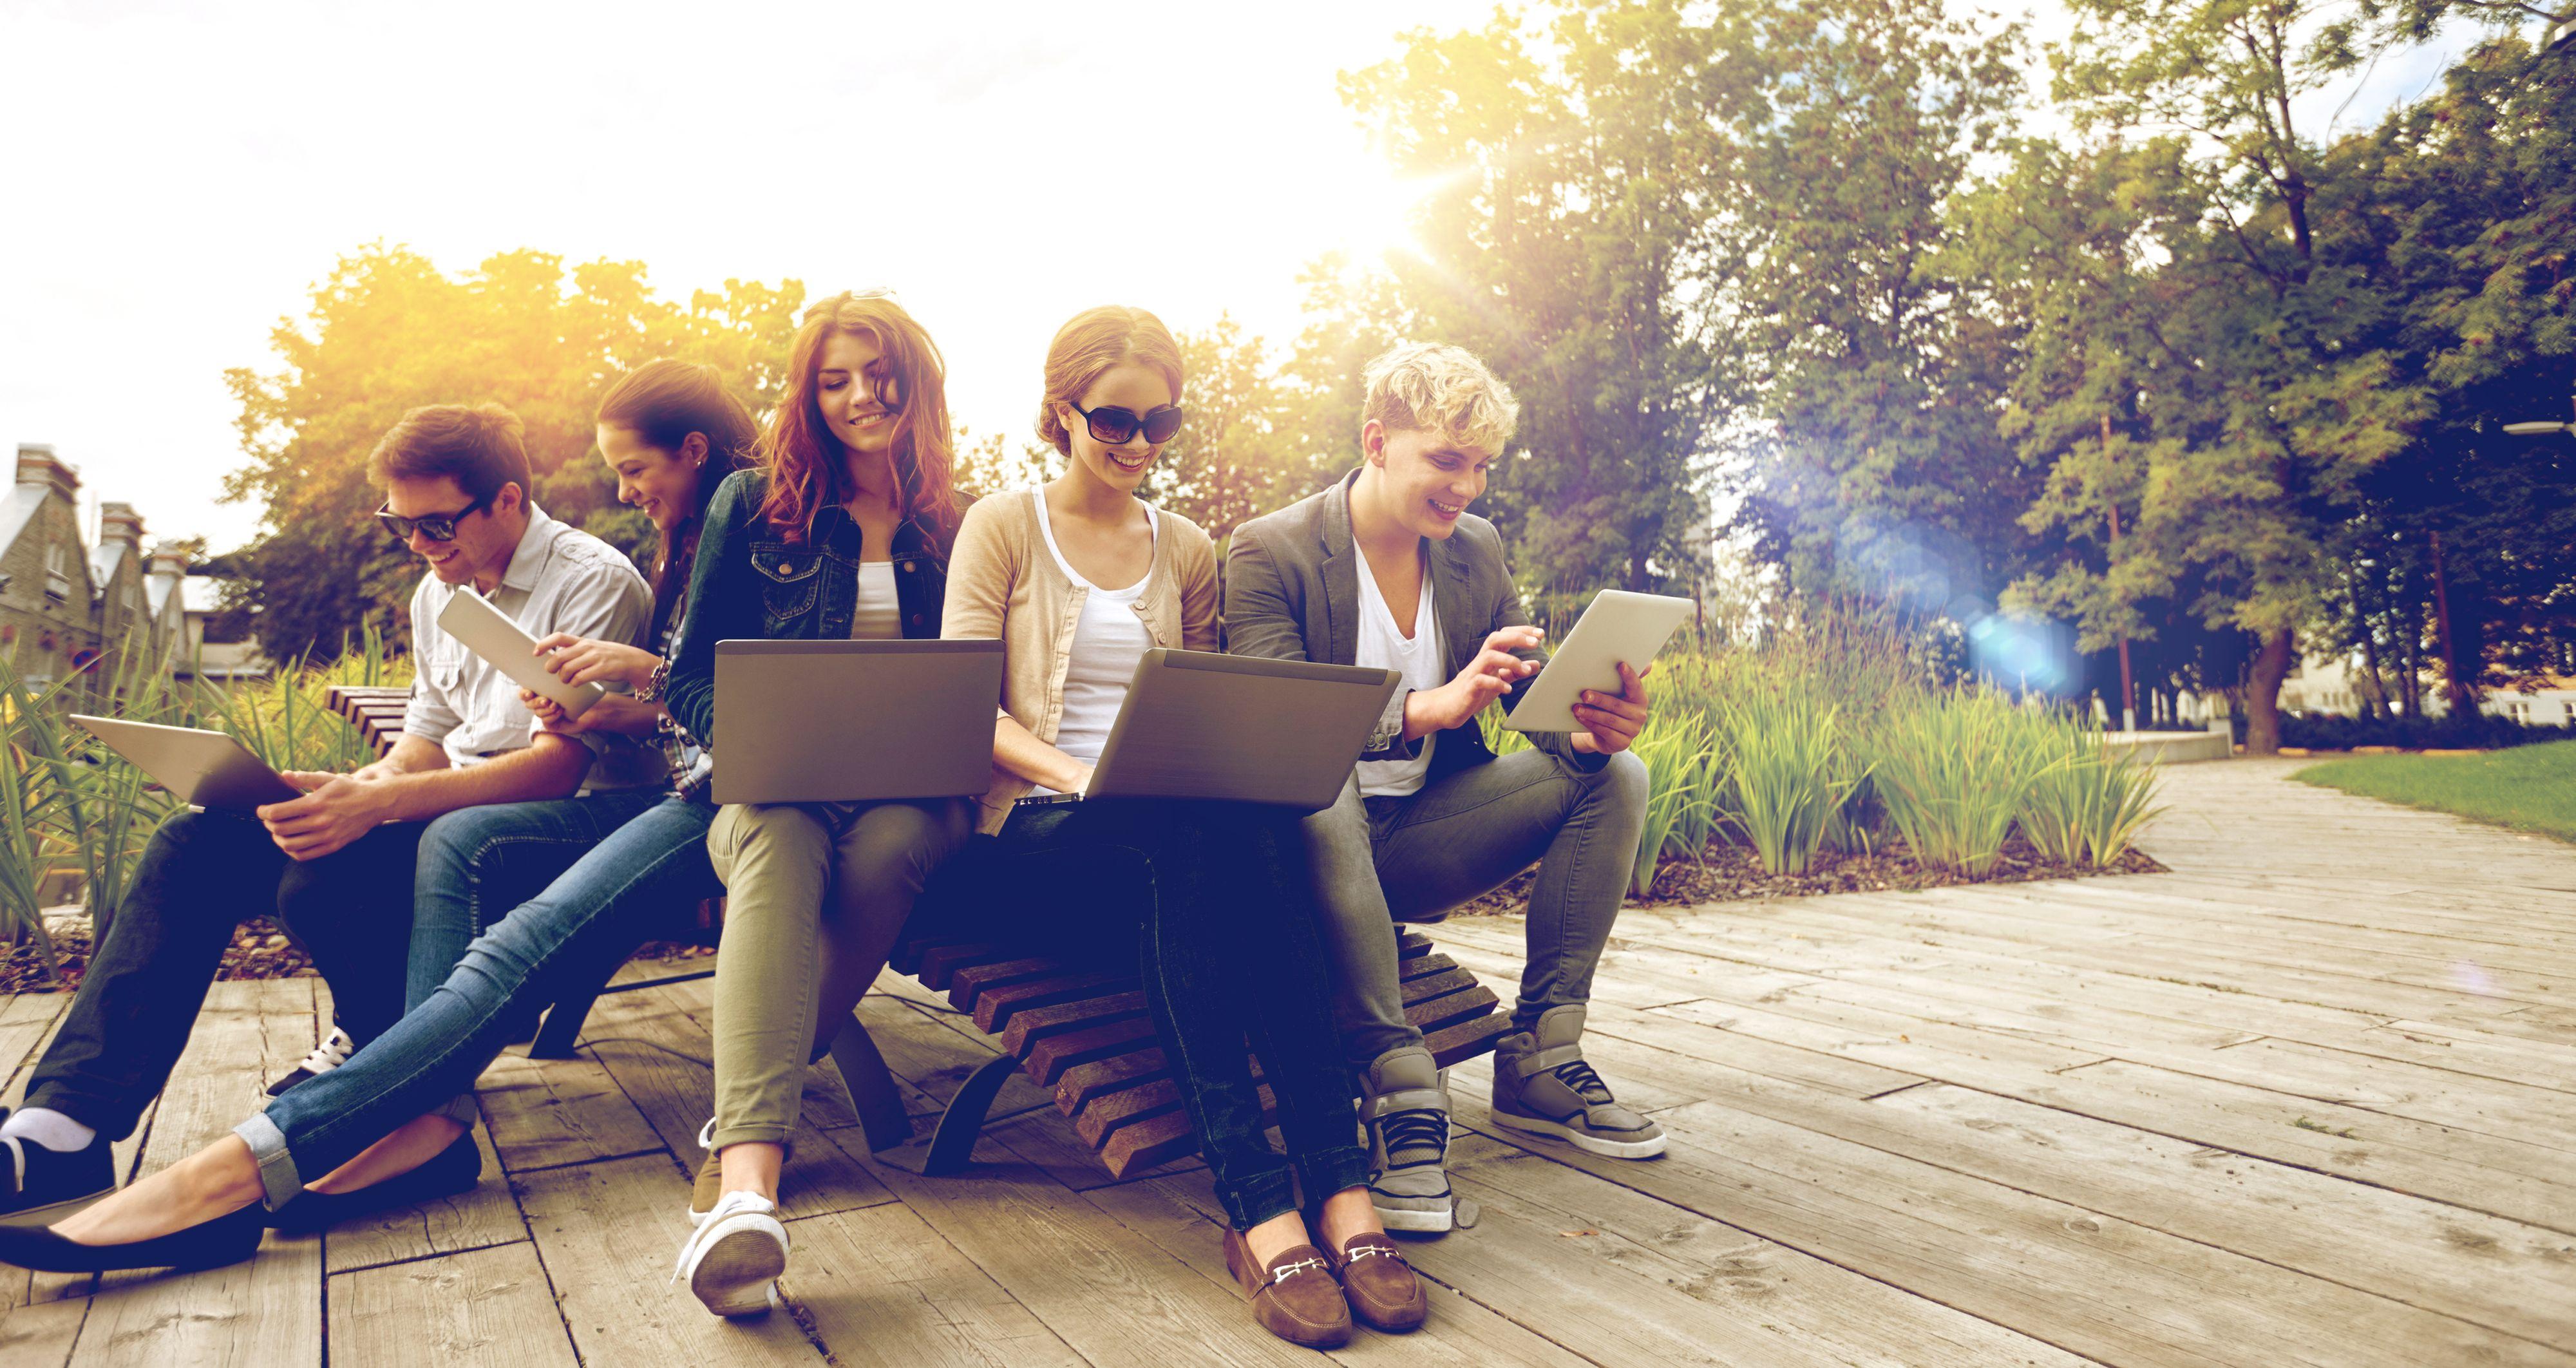 Dużo więcej młodych ludzi zwraca uwagę na rodzaj kontraktu z pracodawcą (Fot. Shutterstock)